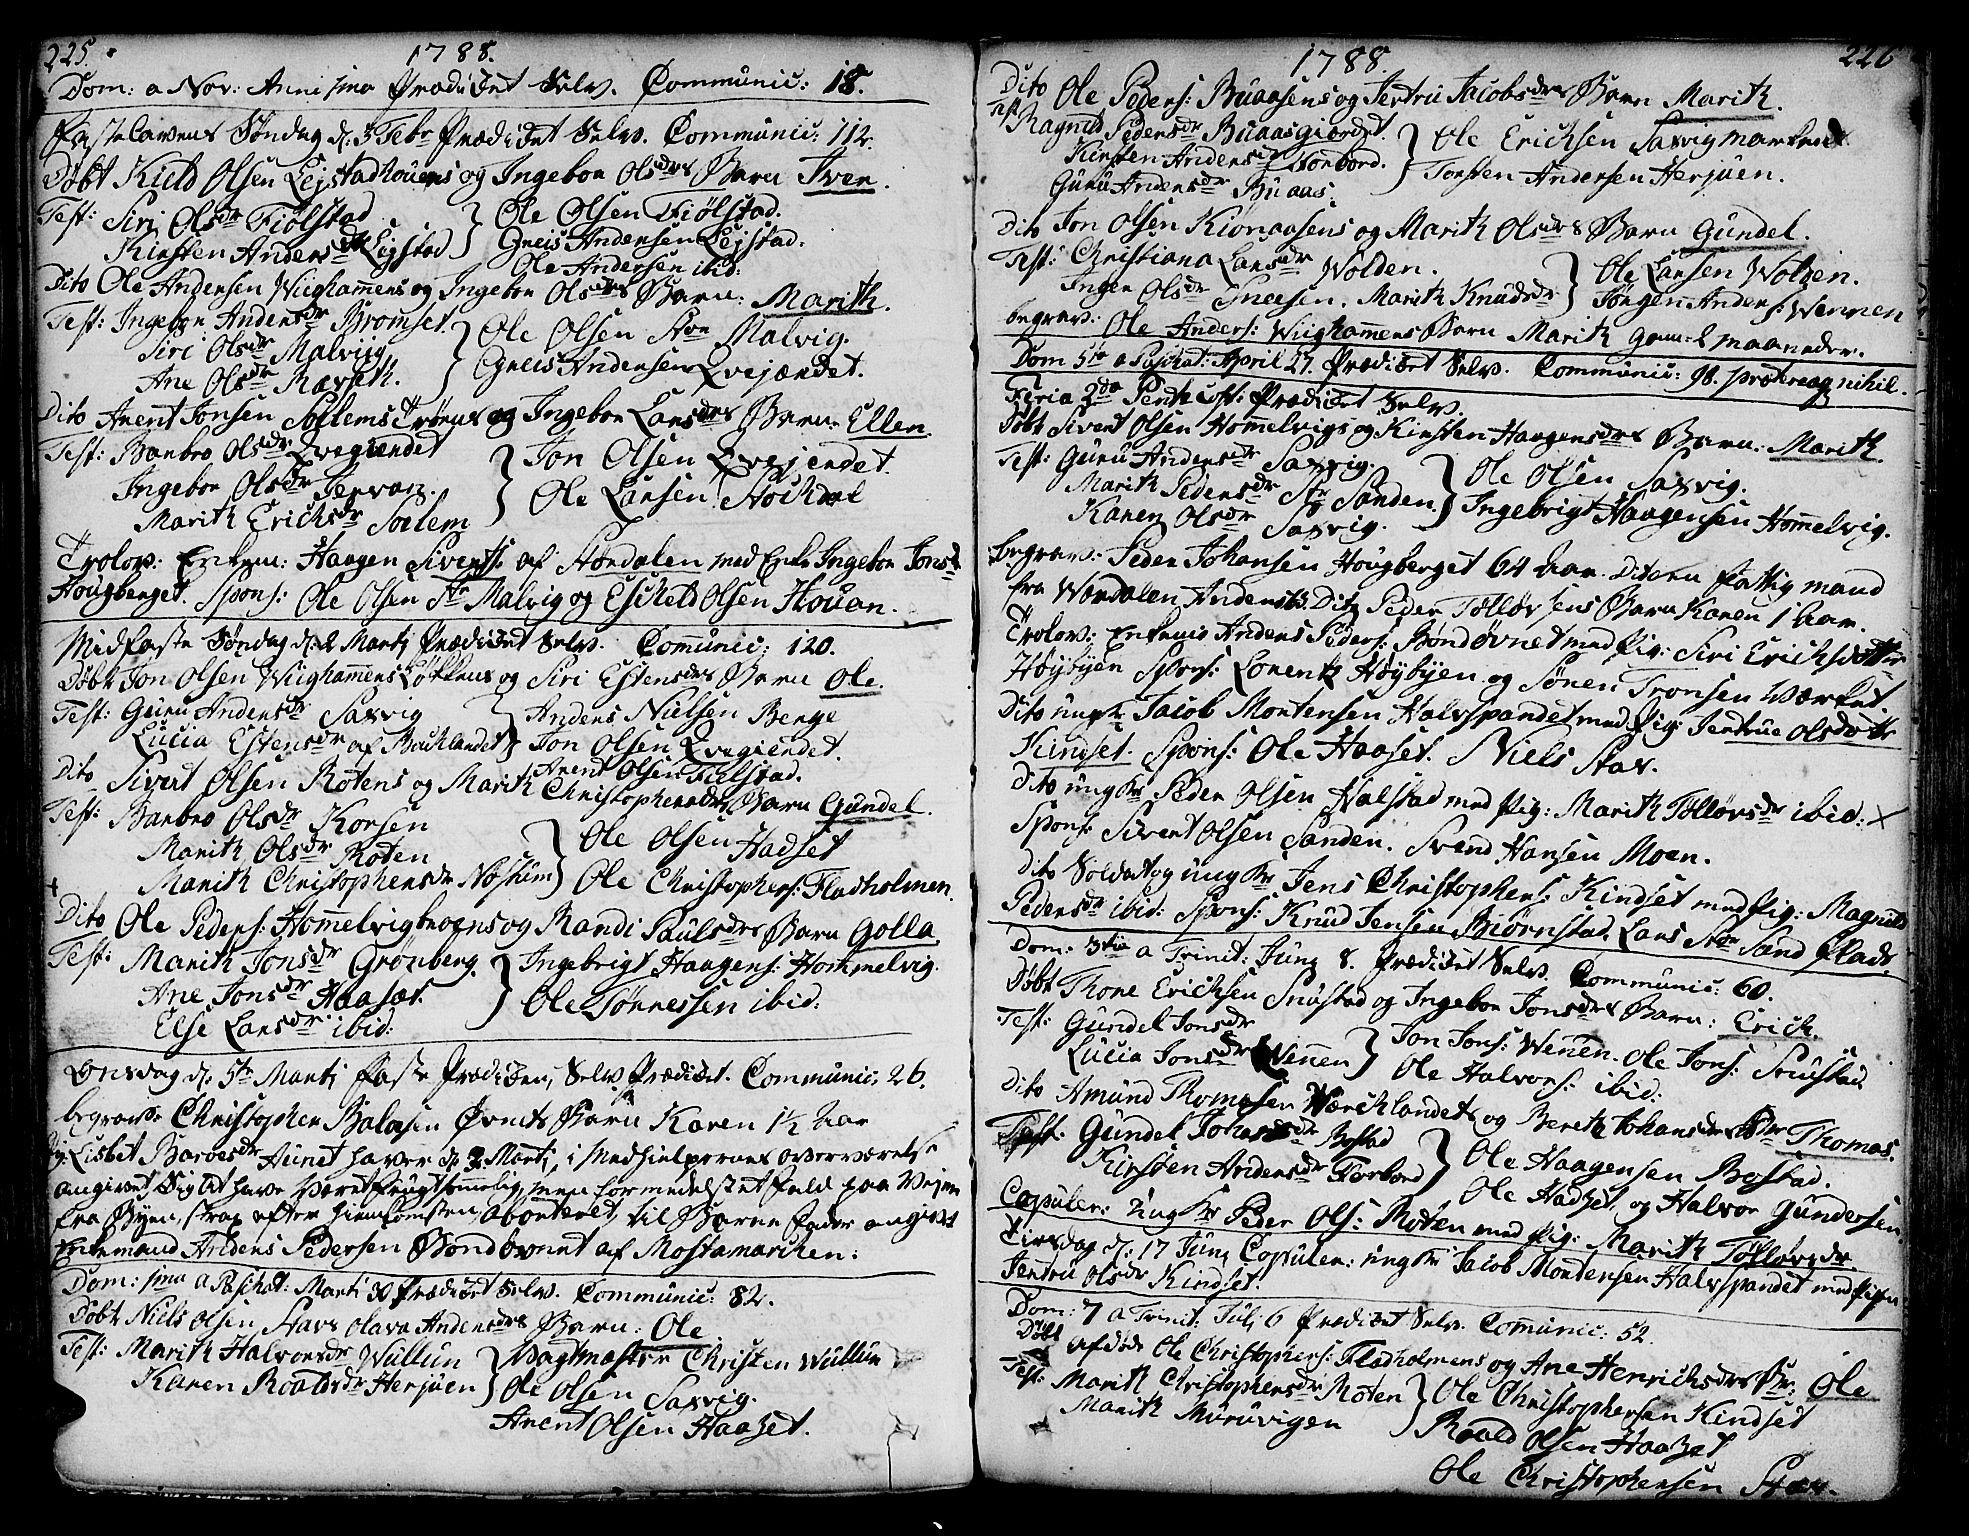 SAT, Ministerialprotokoller, klokkerbøker og fødselsregistre - Sør-Trøndelag, 606/L0281: Ministerialbok nr. 606A02 /2, 1781-1817, s. 225-226